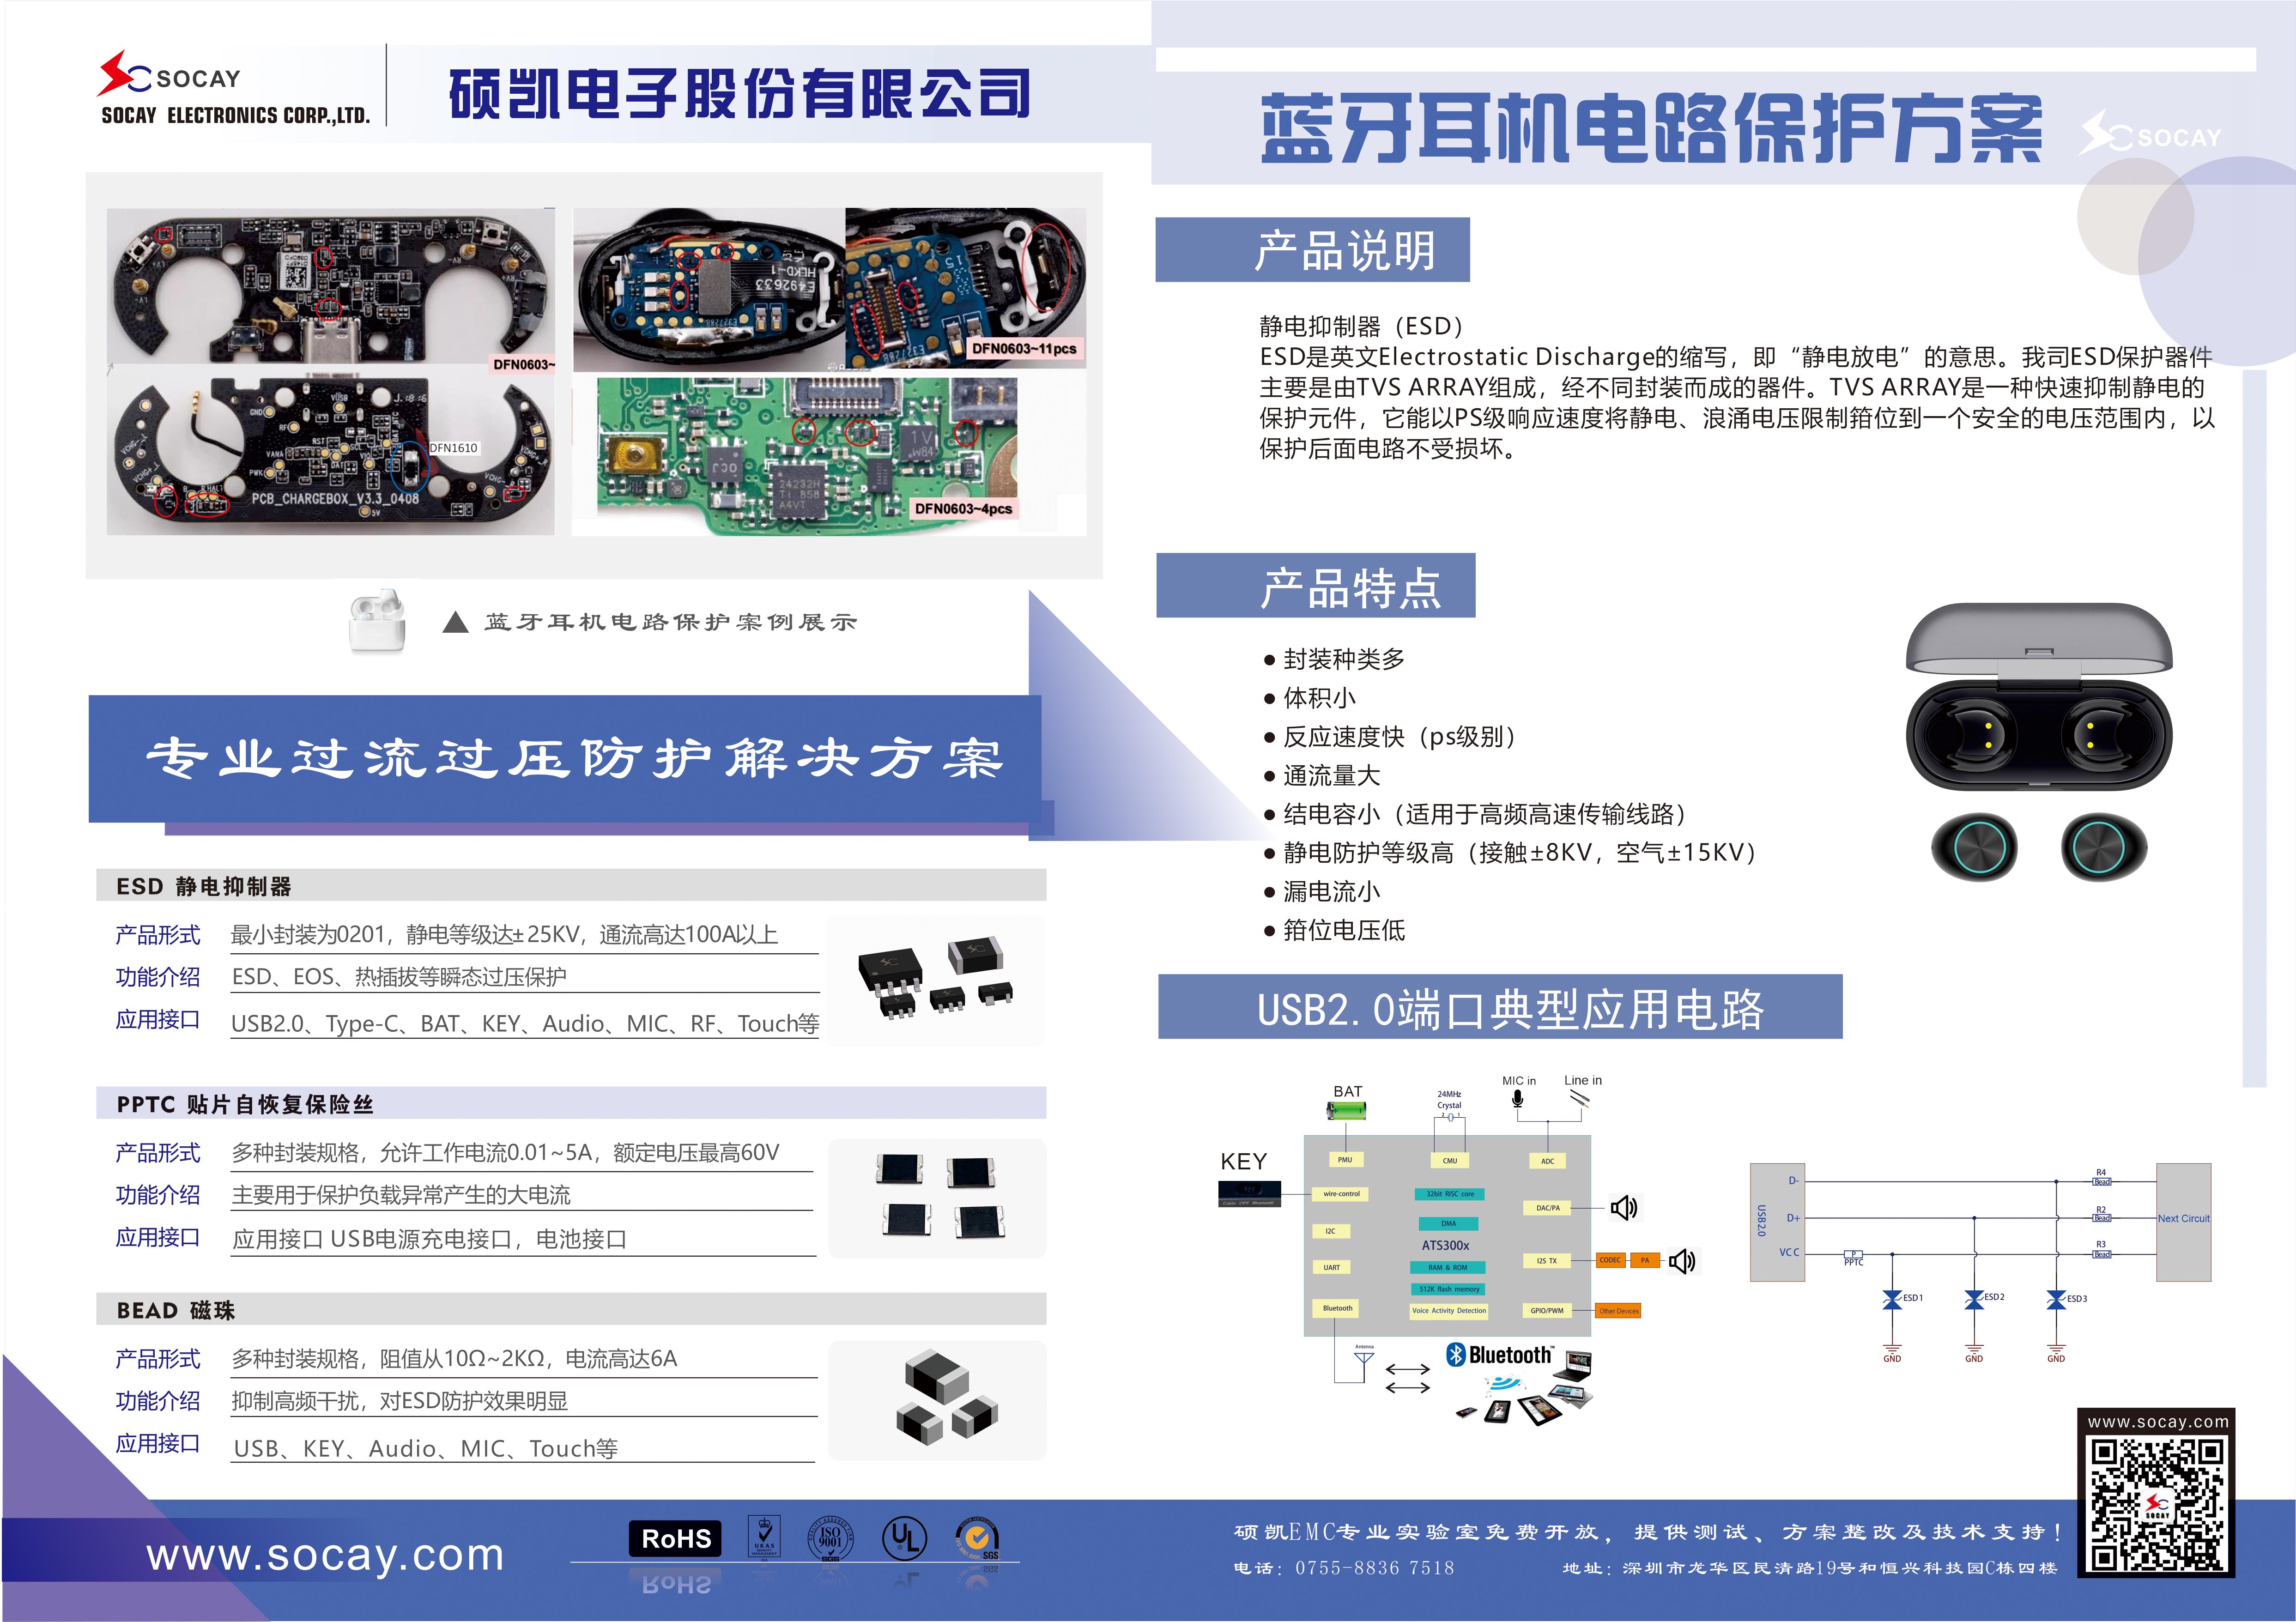 上海蓝牙耳机论坛-电路保护方案.jpg